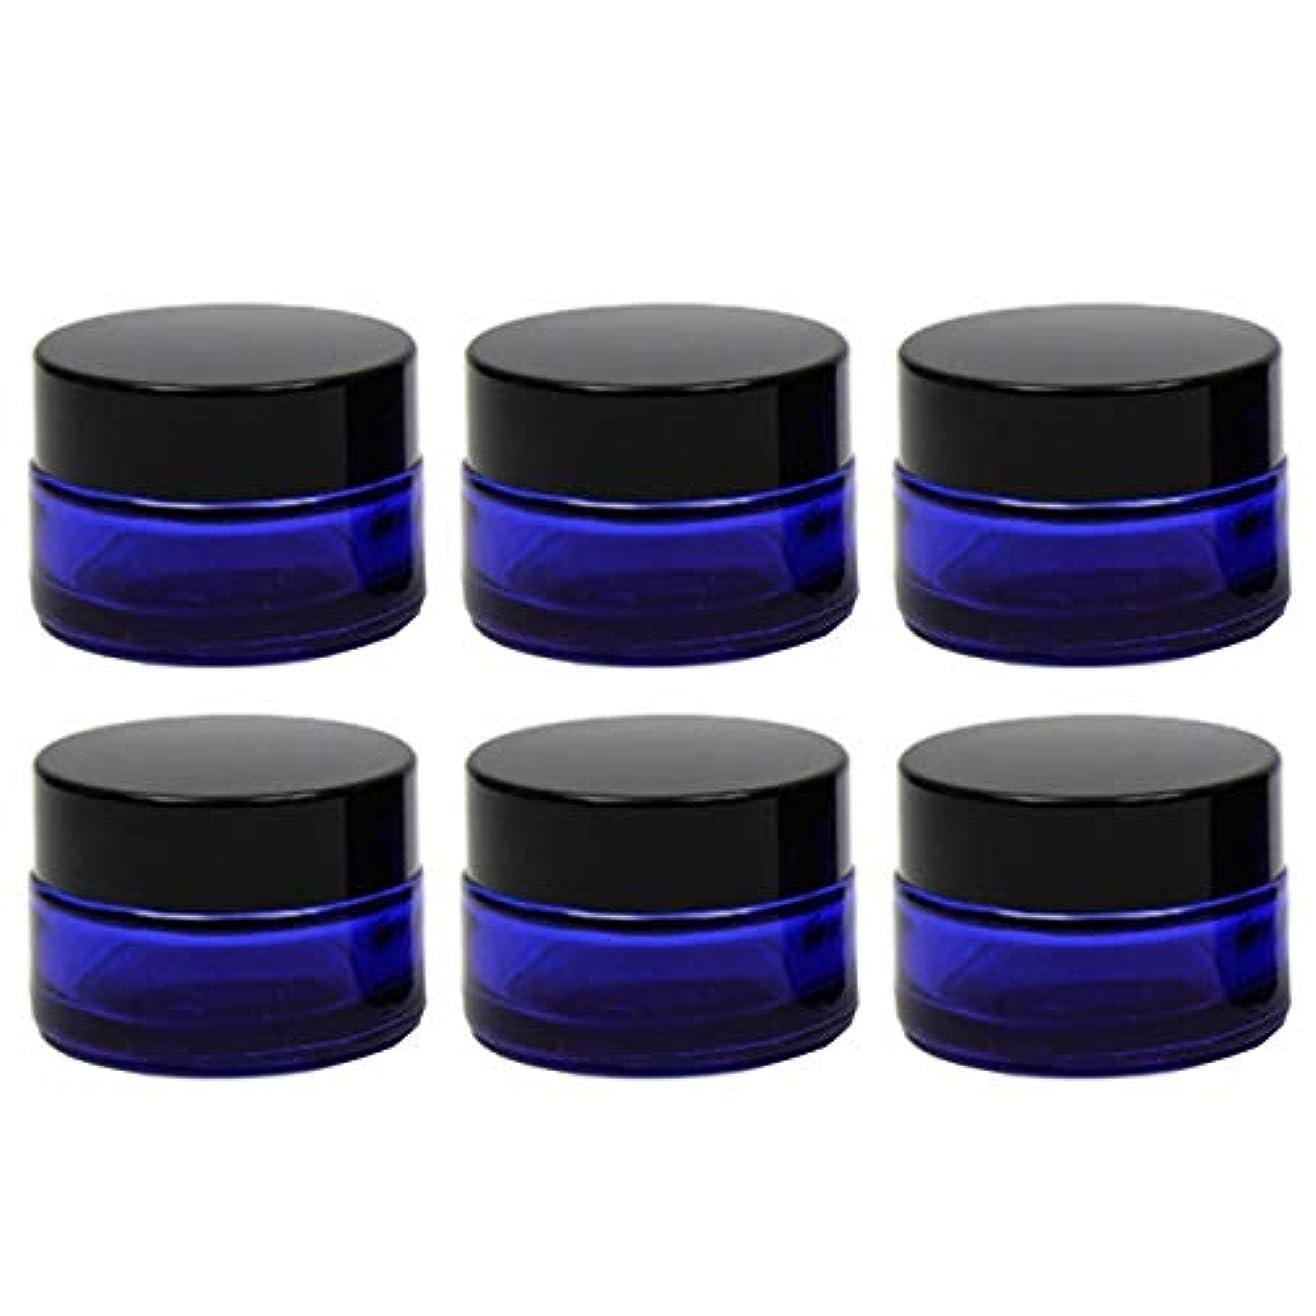 藤色建築家フレットクリーム容器 遮光ジャー 6個セット アロマクリーム ハンドクリーム 遮光瓶 ガラス 瓶 アロマ ボトル ビン 保存 詰替え 青色 ブルー (20g?6個)